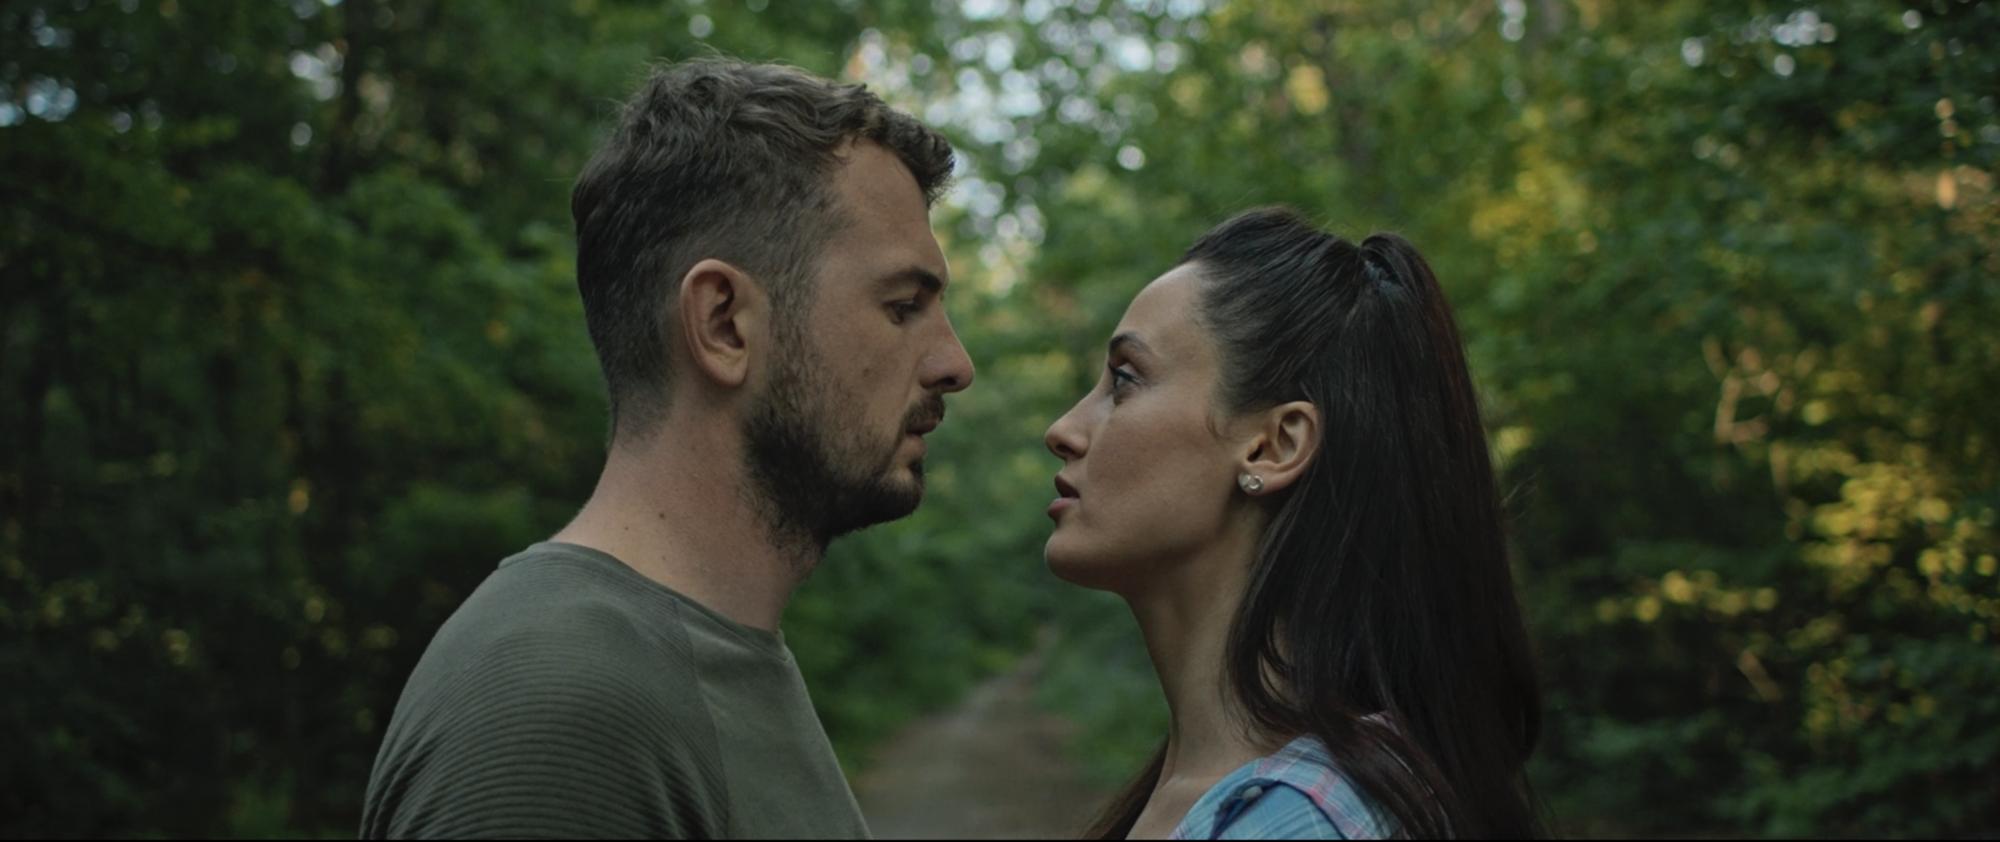 Кадр из фильма. Евгений Янович и Алина Паш